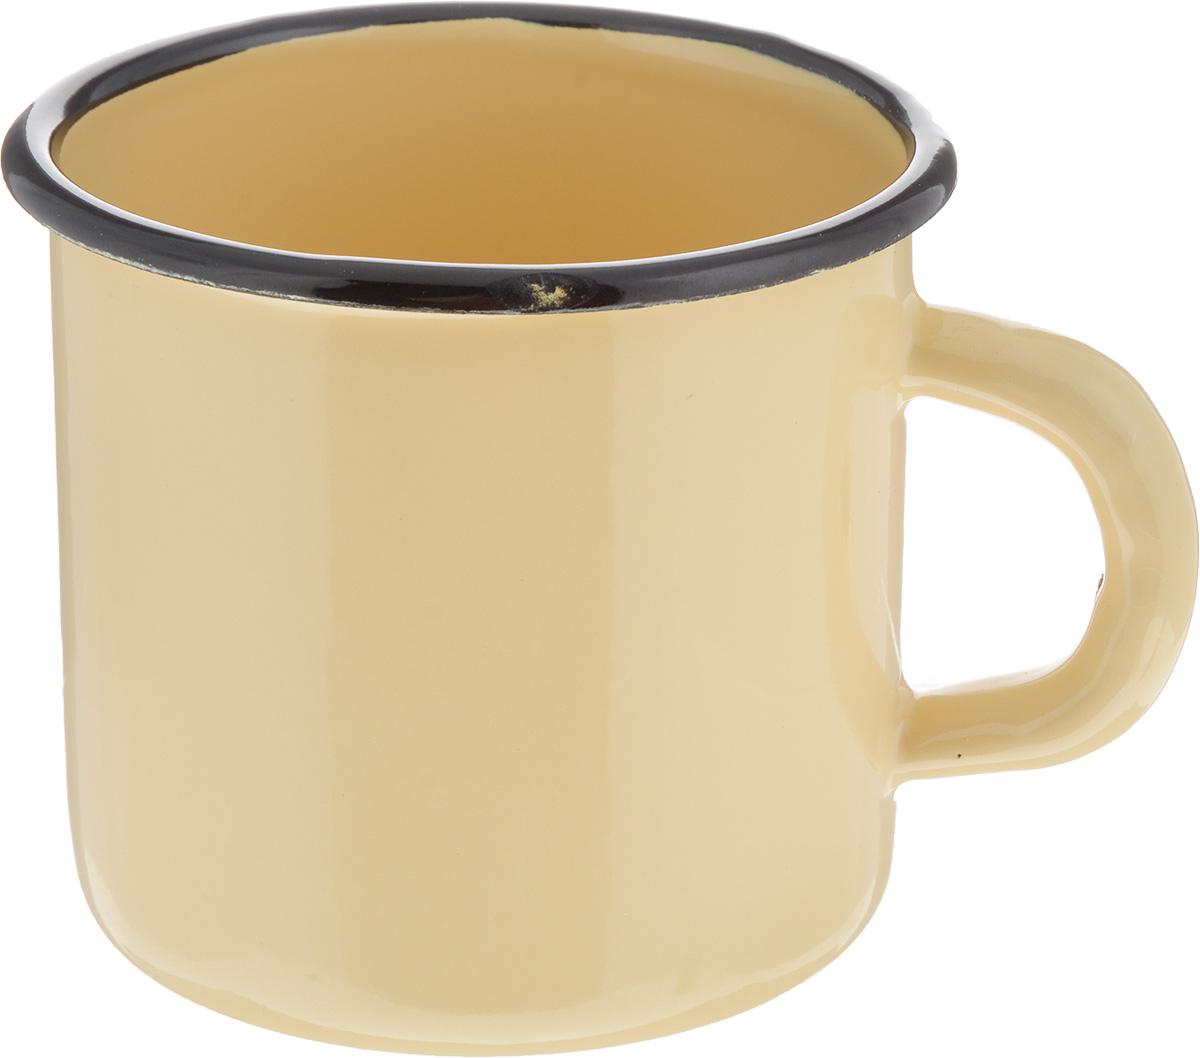 Кружка эмалированная СтальЭмаль, цвет: желтый, 400 мл2с2_желтыйКружка СтальЭмаль изготовлена из высококачественной стали с эмалированным покрытием. Она оснащена удобной ручкой. Такая кружка не требует особого ухода и ее легко мыть. Благодаря классическому дизайну и удобству в использовании кружка займет достойное место на вашей кухне.